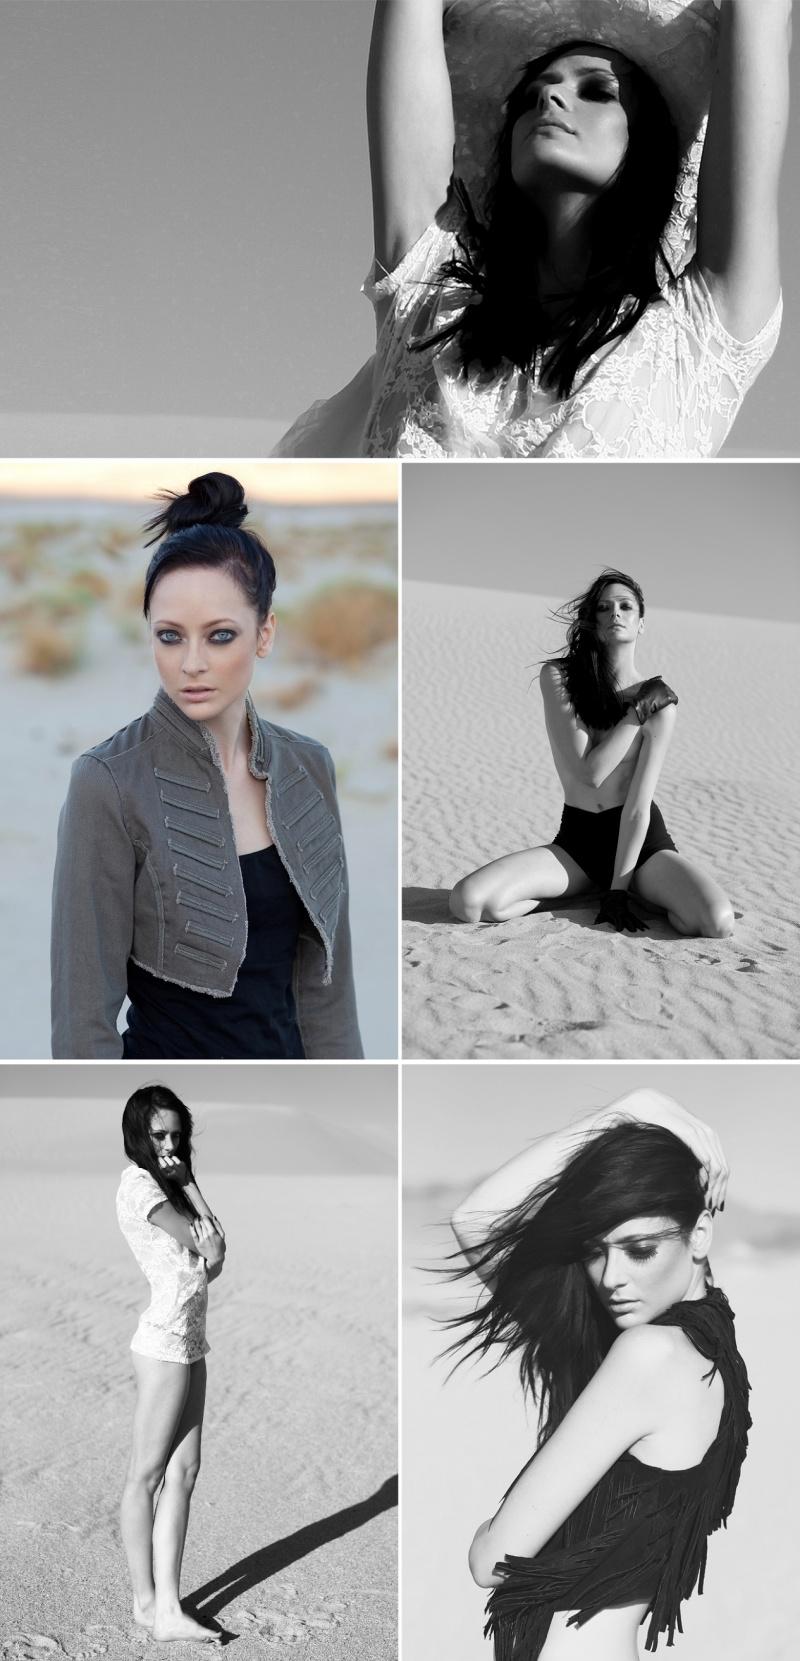 The Desert Dec 21, 2010 Chanel Rene 2010 Michelle - Robert Black Agency